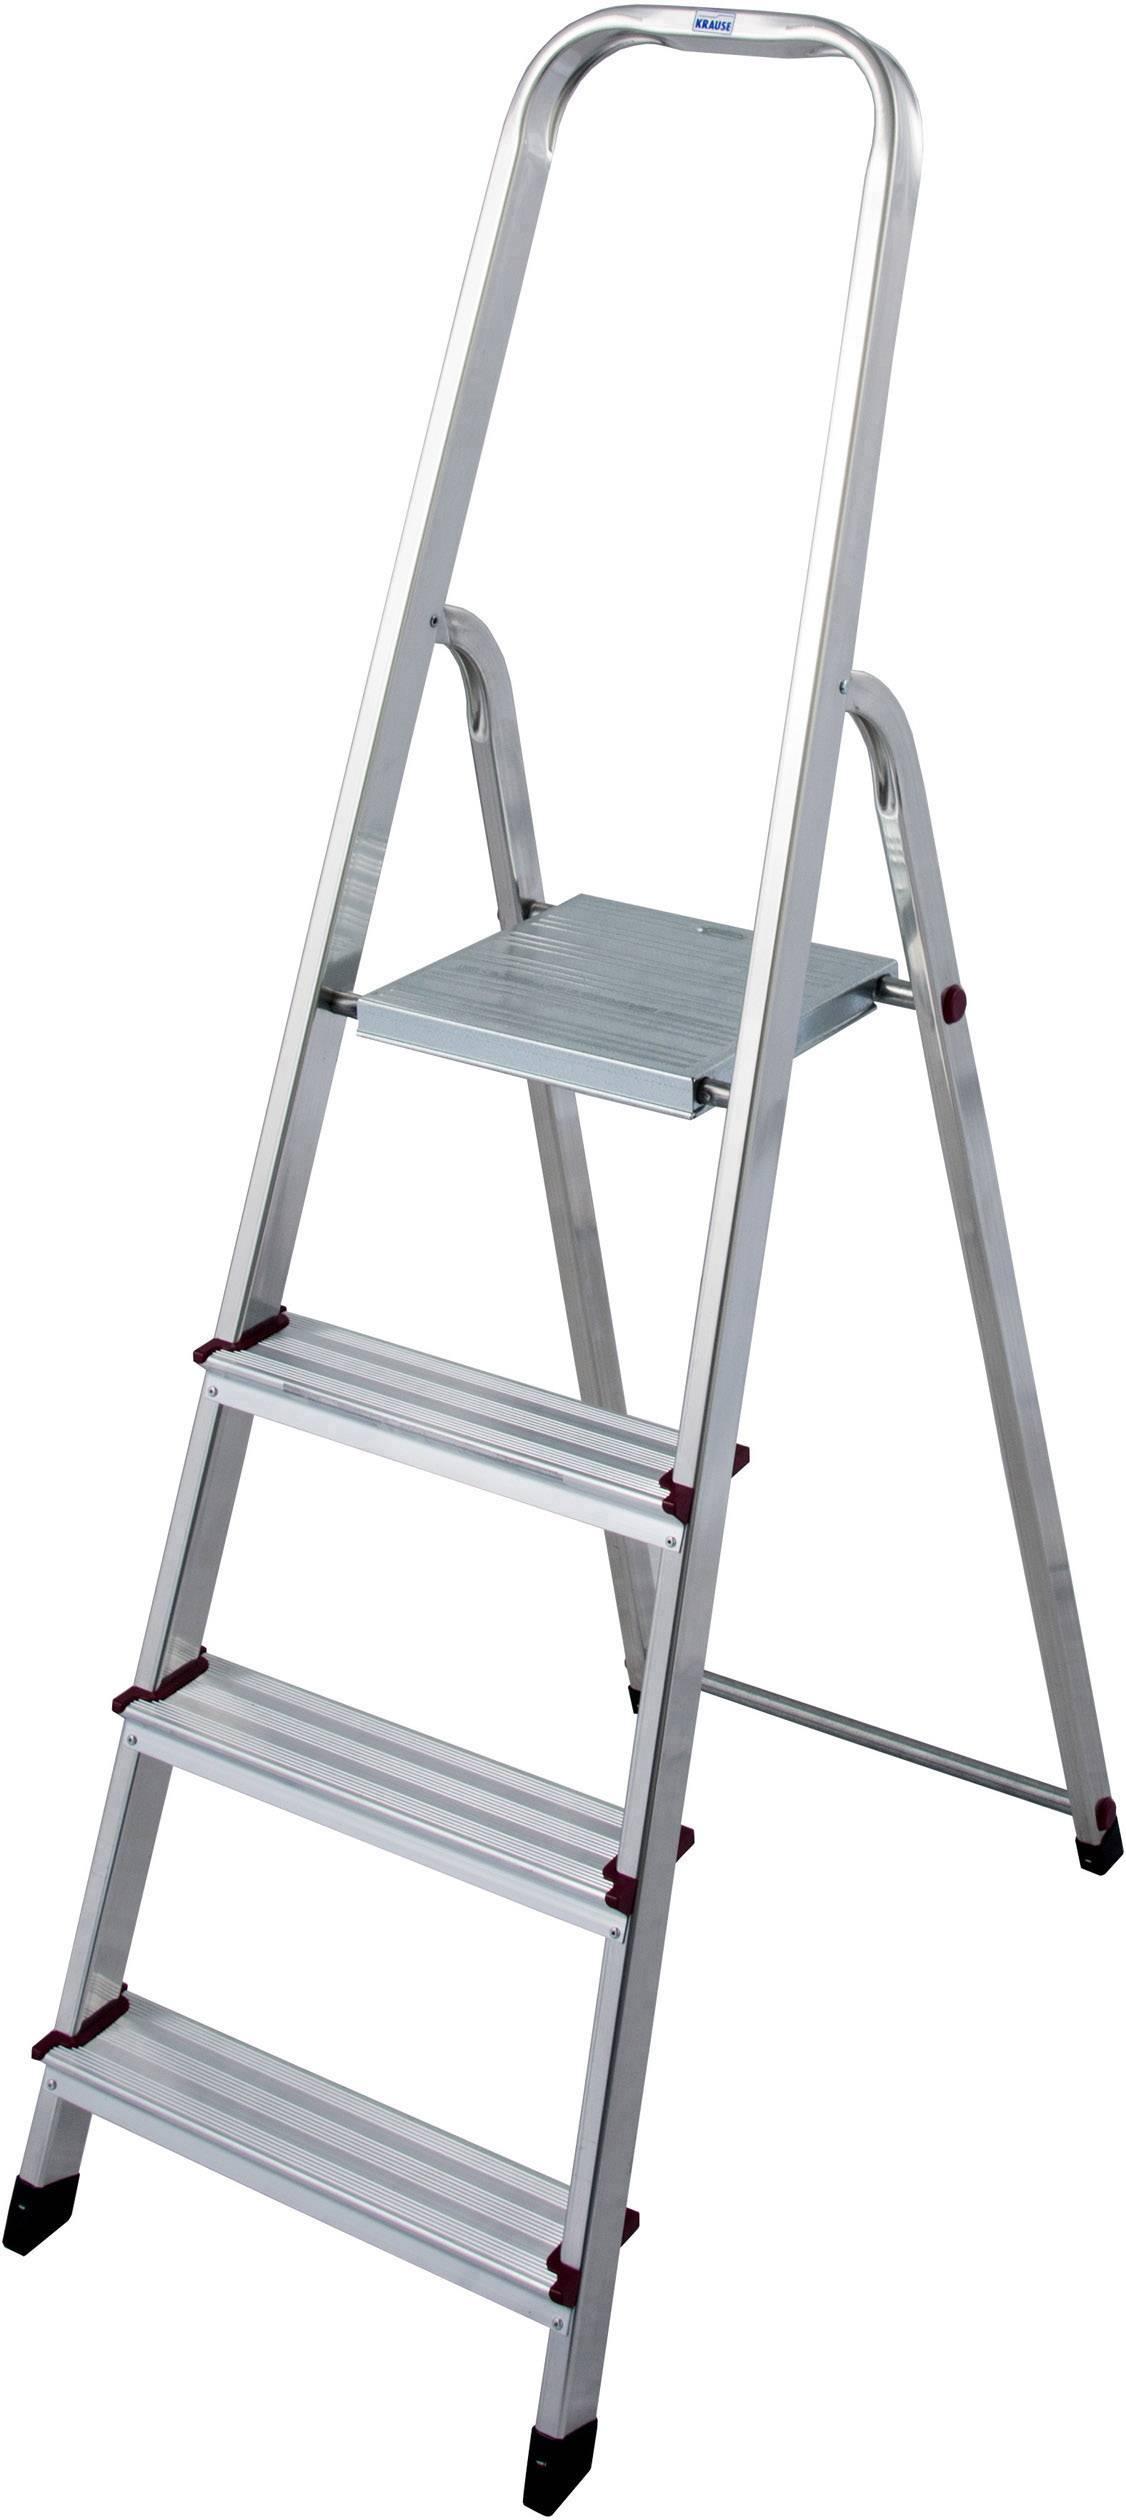 Altezza Gradini Scala krause 705 alluminio scala domestica a gradini altezza operativa max: 2.80  m argento 3.6 kg